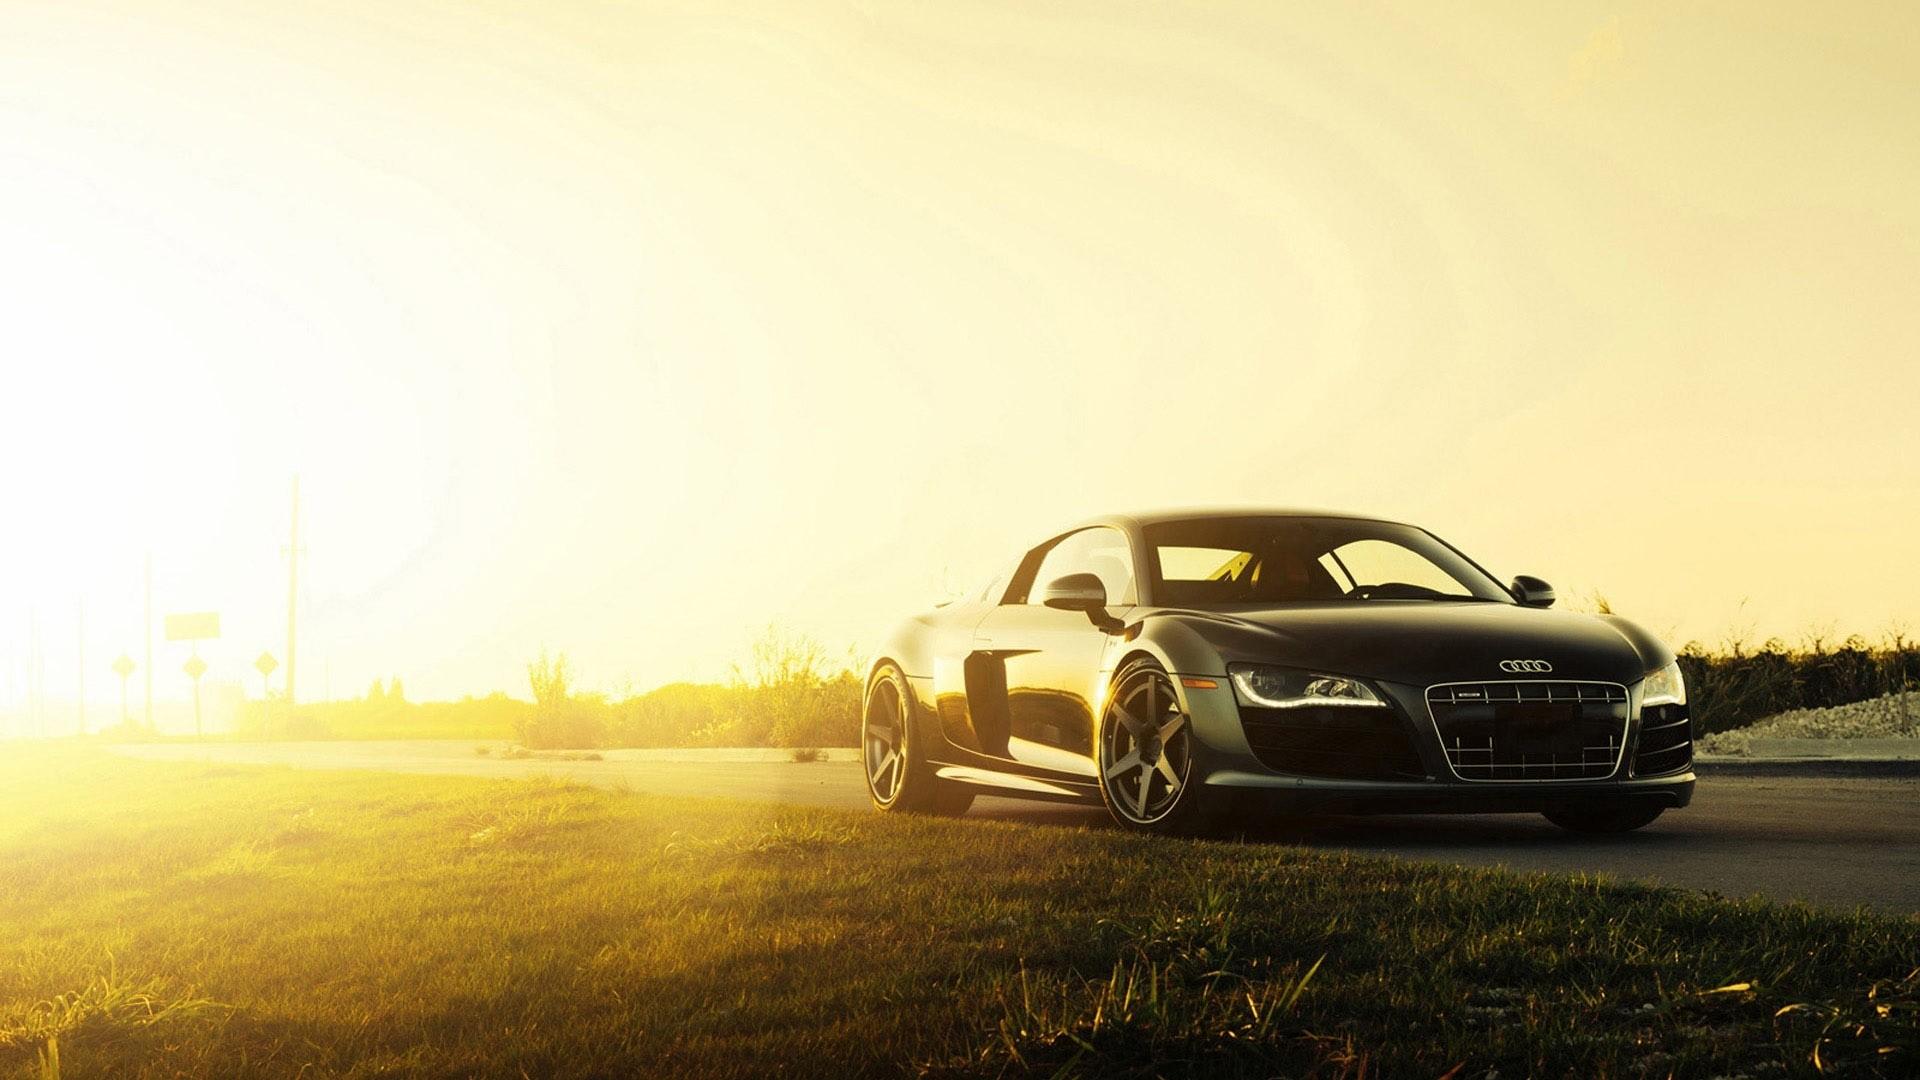 Full Hd Car Wallpapers 1080p Bmw Audi R8 Wallpaper 1920x1080 85 Images